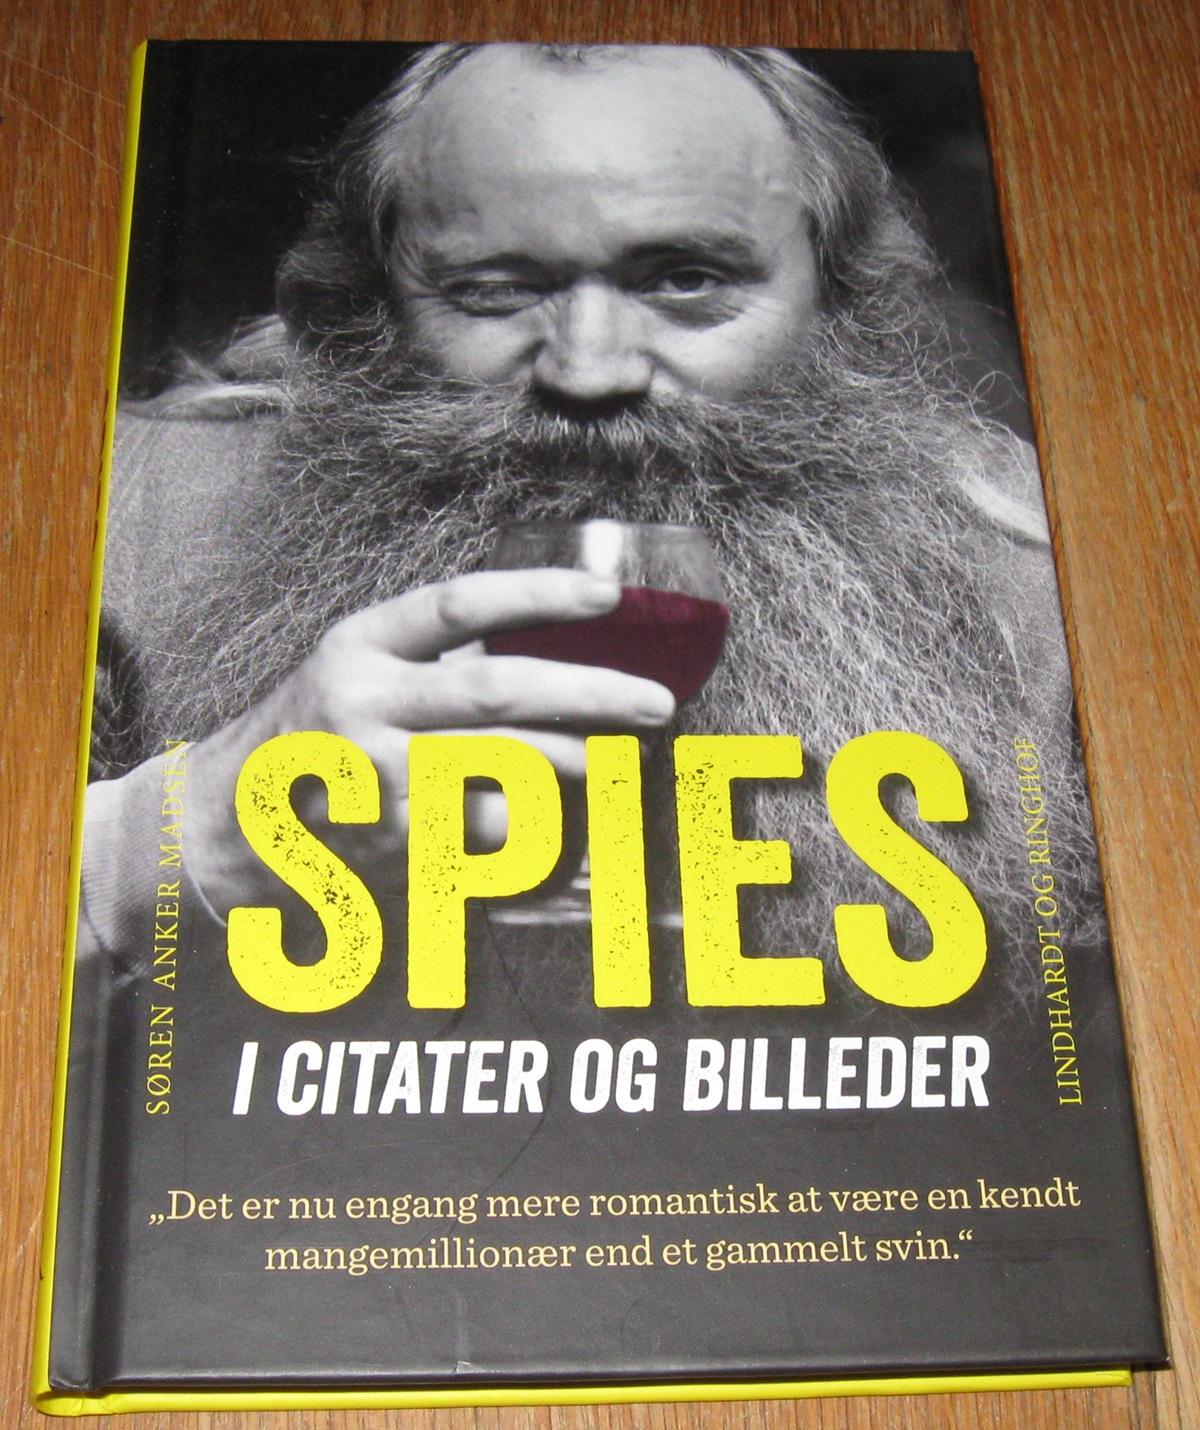 spies i citater og billeder Spies i citater og billeder, Jod Bog.dk spies i citater og billeder